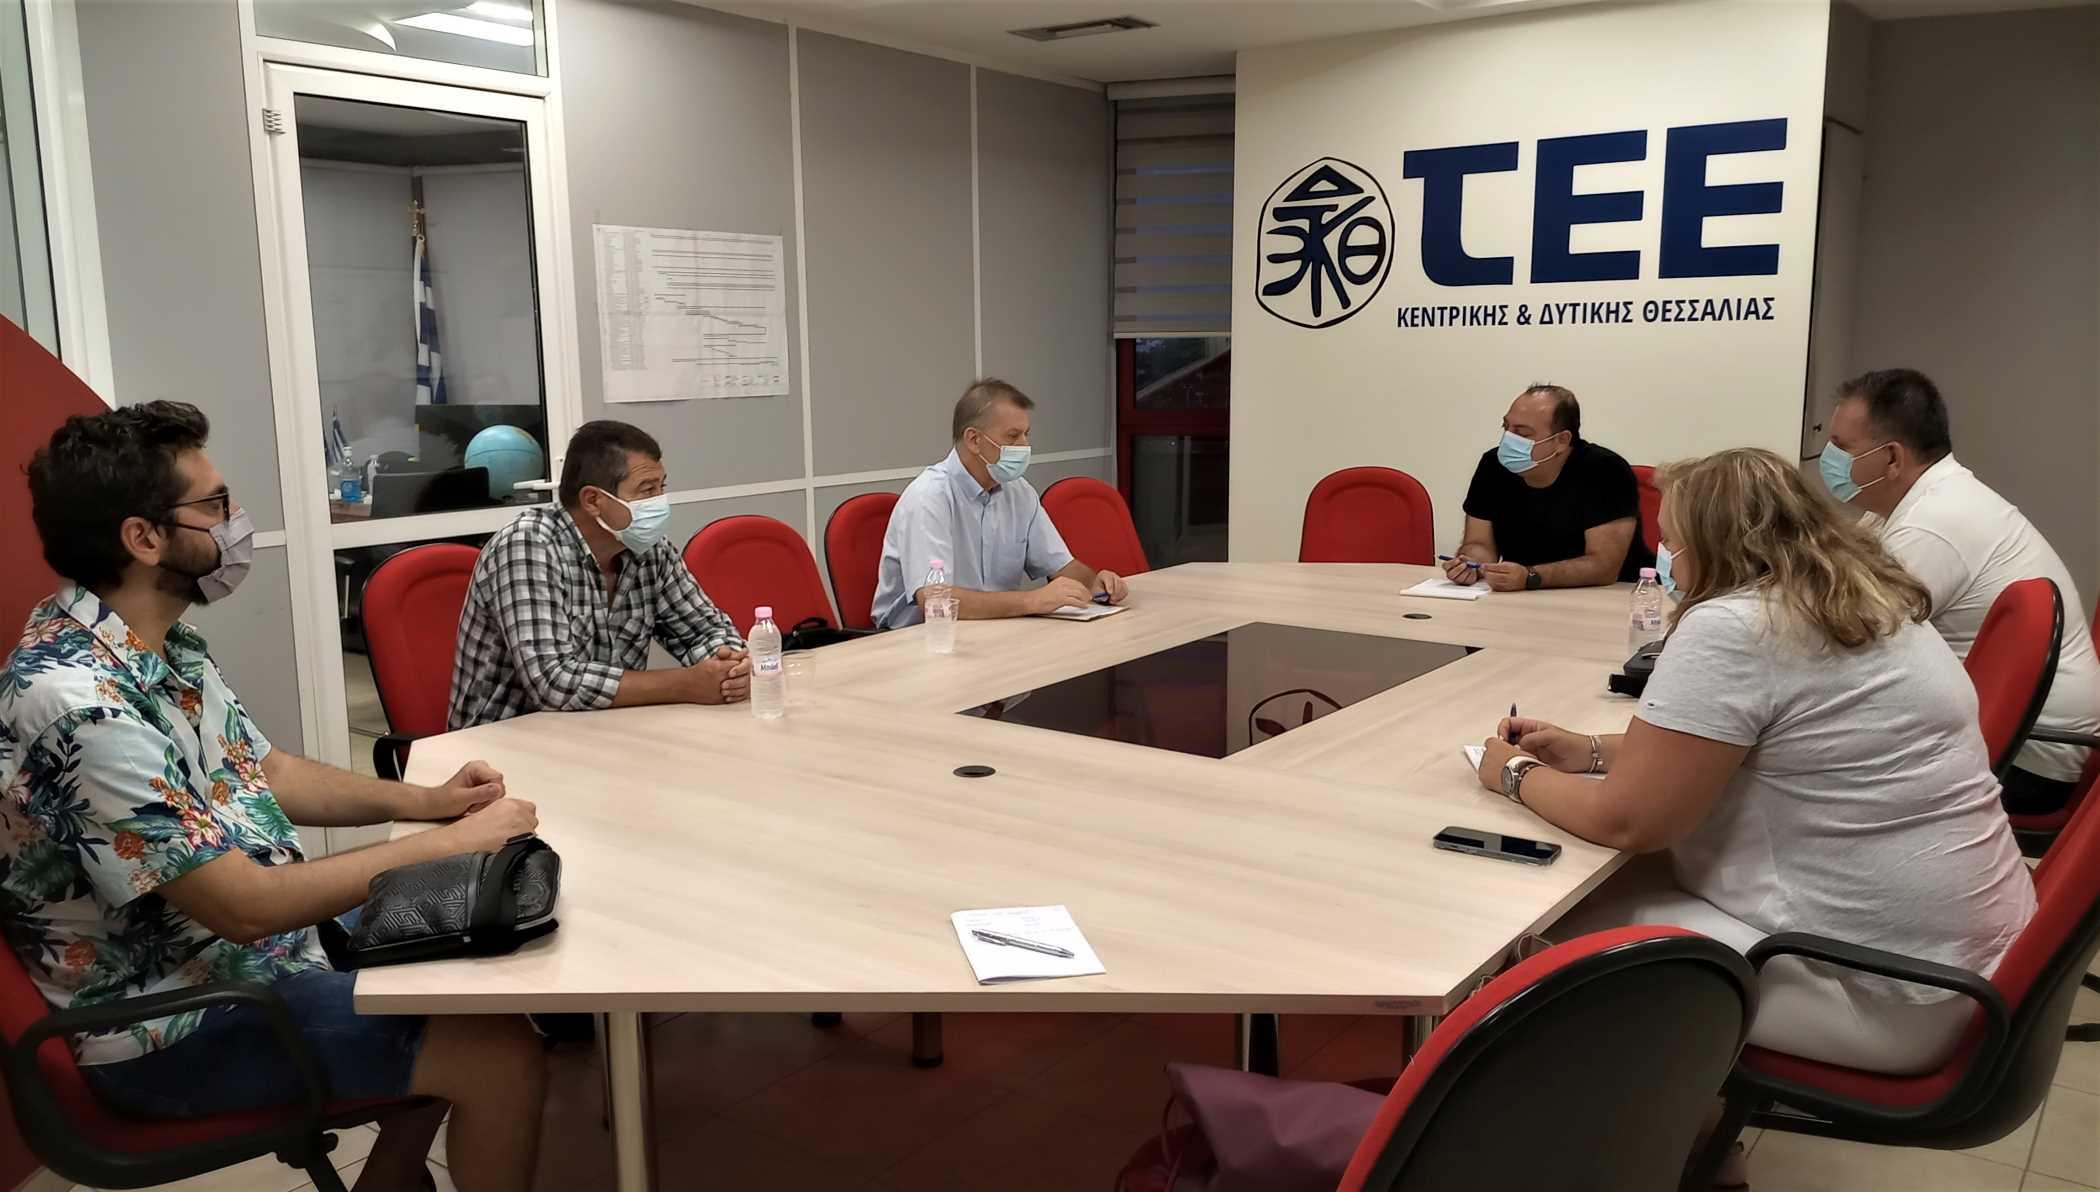 ΤΕΕ ΚΔΘ: Επίσκεψη κλιμακίου της Λαϊκής Συσπείρωσης Θεσσαλίας - Επί τάπητος ζητήματα αντιπλημμυρικής, αντιπυρικής και αντισεισμικής θωράκισης